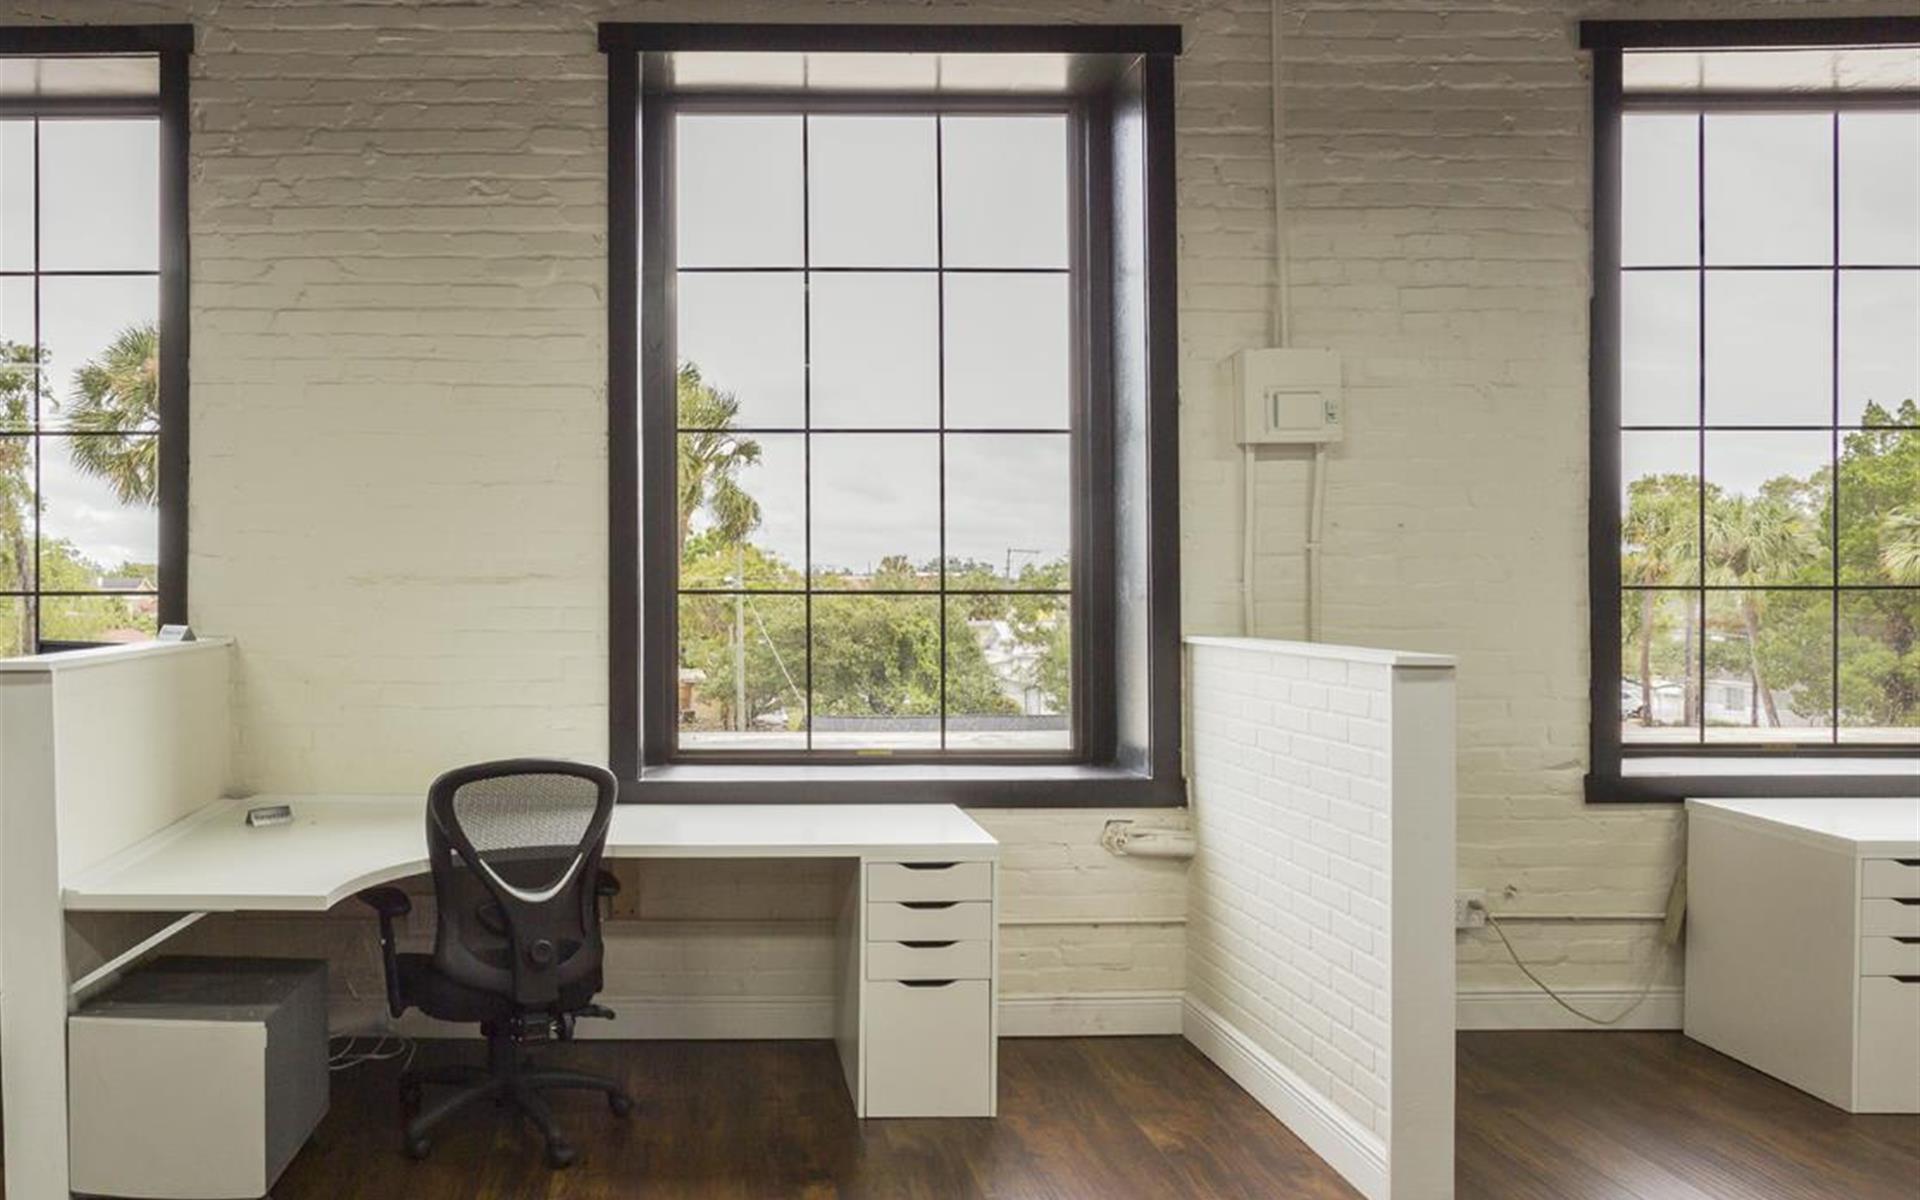 CoWorkTampa - Premium Dedicated Desk